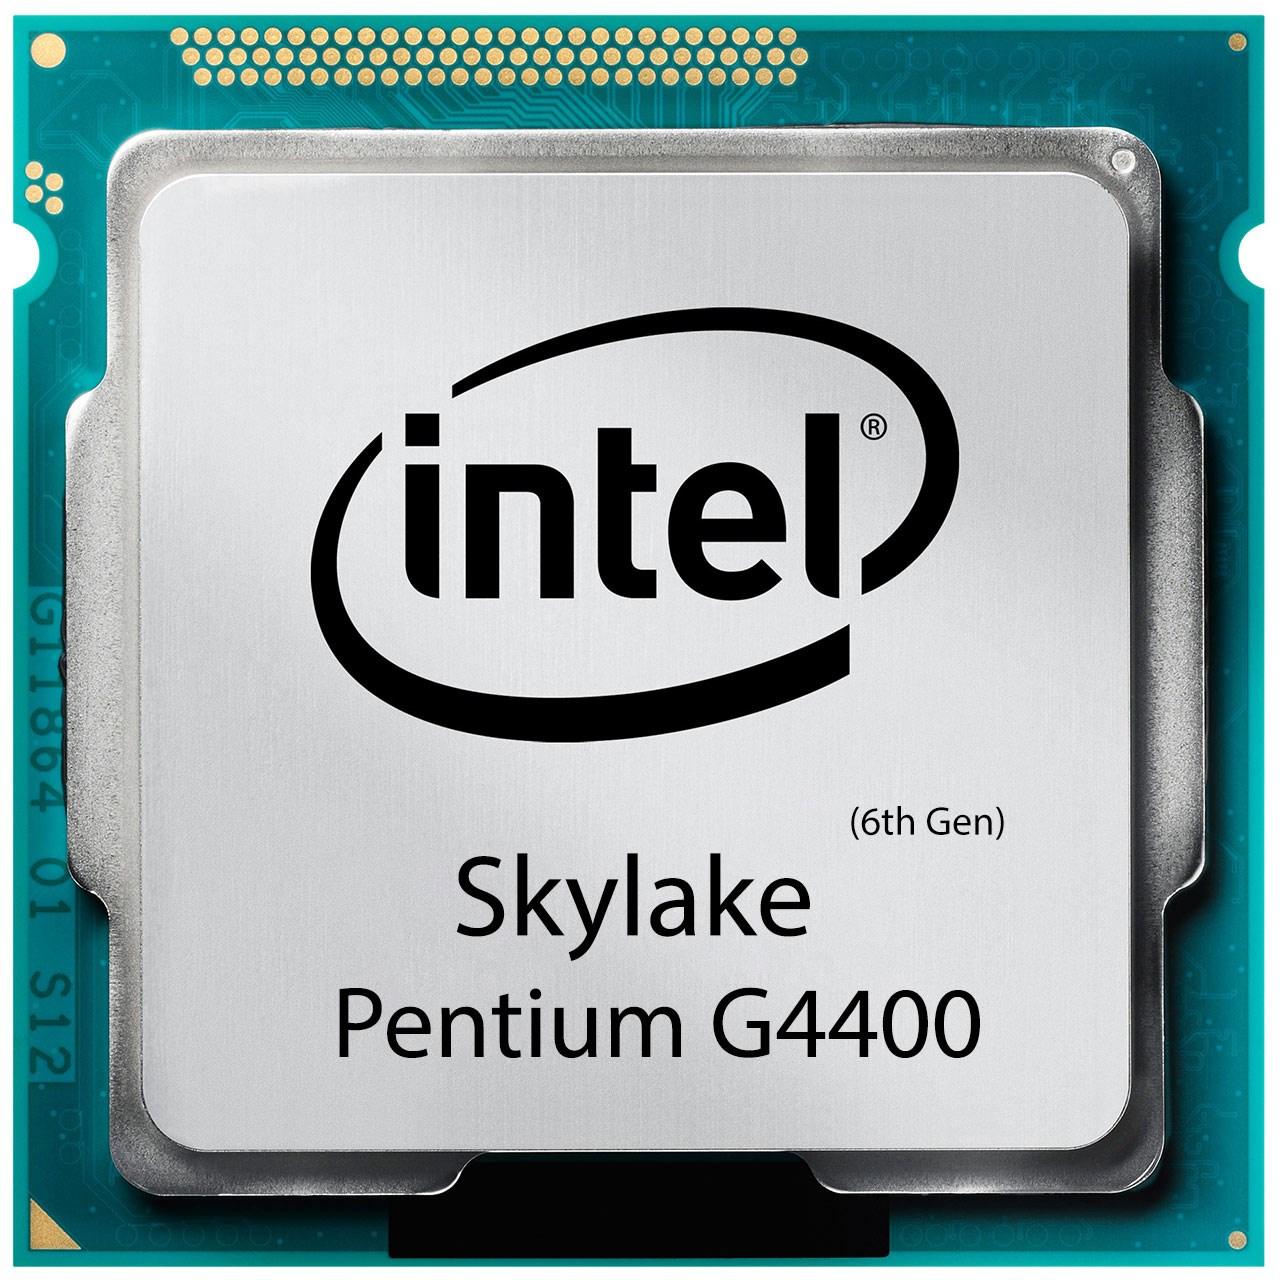 بررسی و {خرید با تخفیف} پردازنده مرکزی اینتل سری Skylake مدل Pentium G4400 اصل